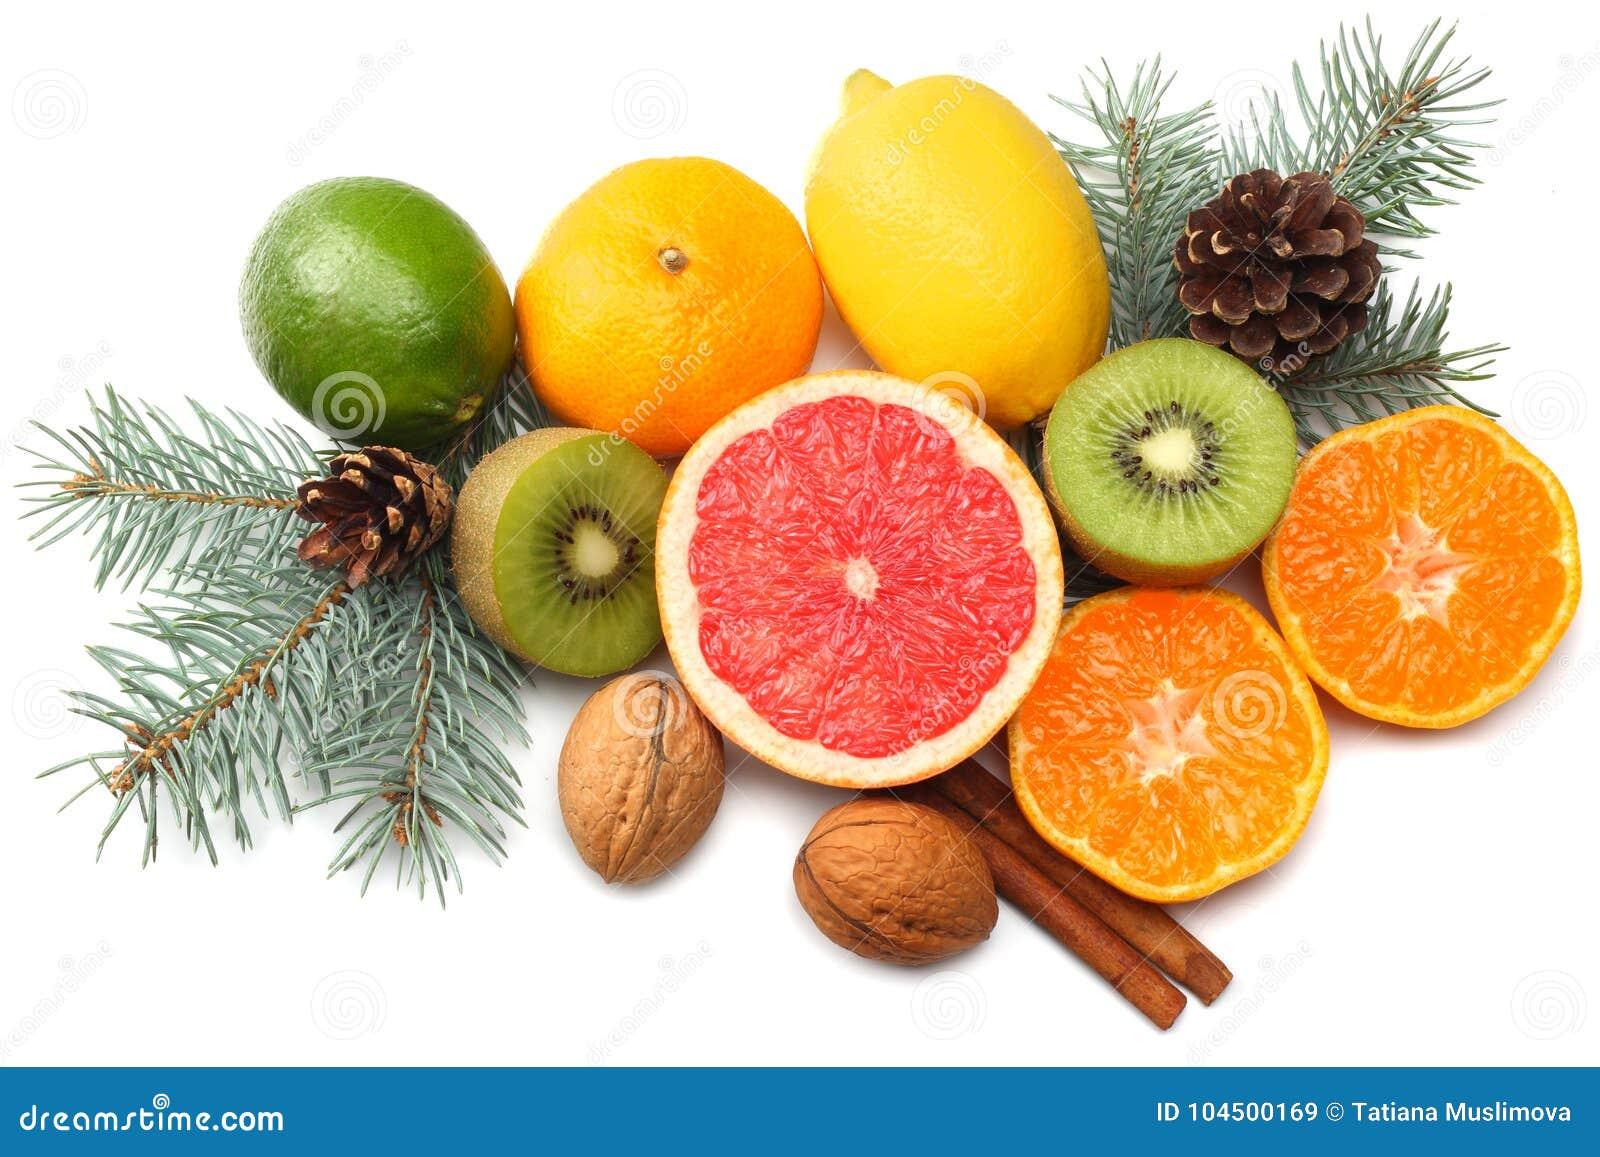 Abstraktes Hintergrundmuster der weißen Sterne auf dunkelroter Auslegung mischen Sie geschnittene Zitrone, grünen Kalk, Orange, M